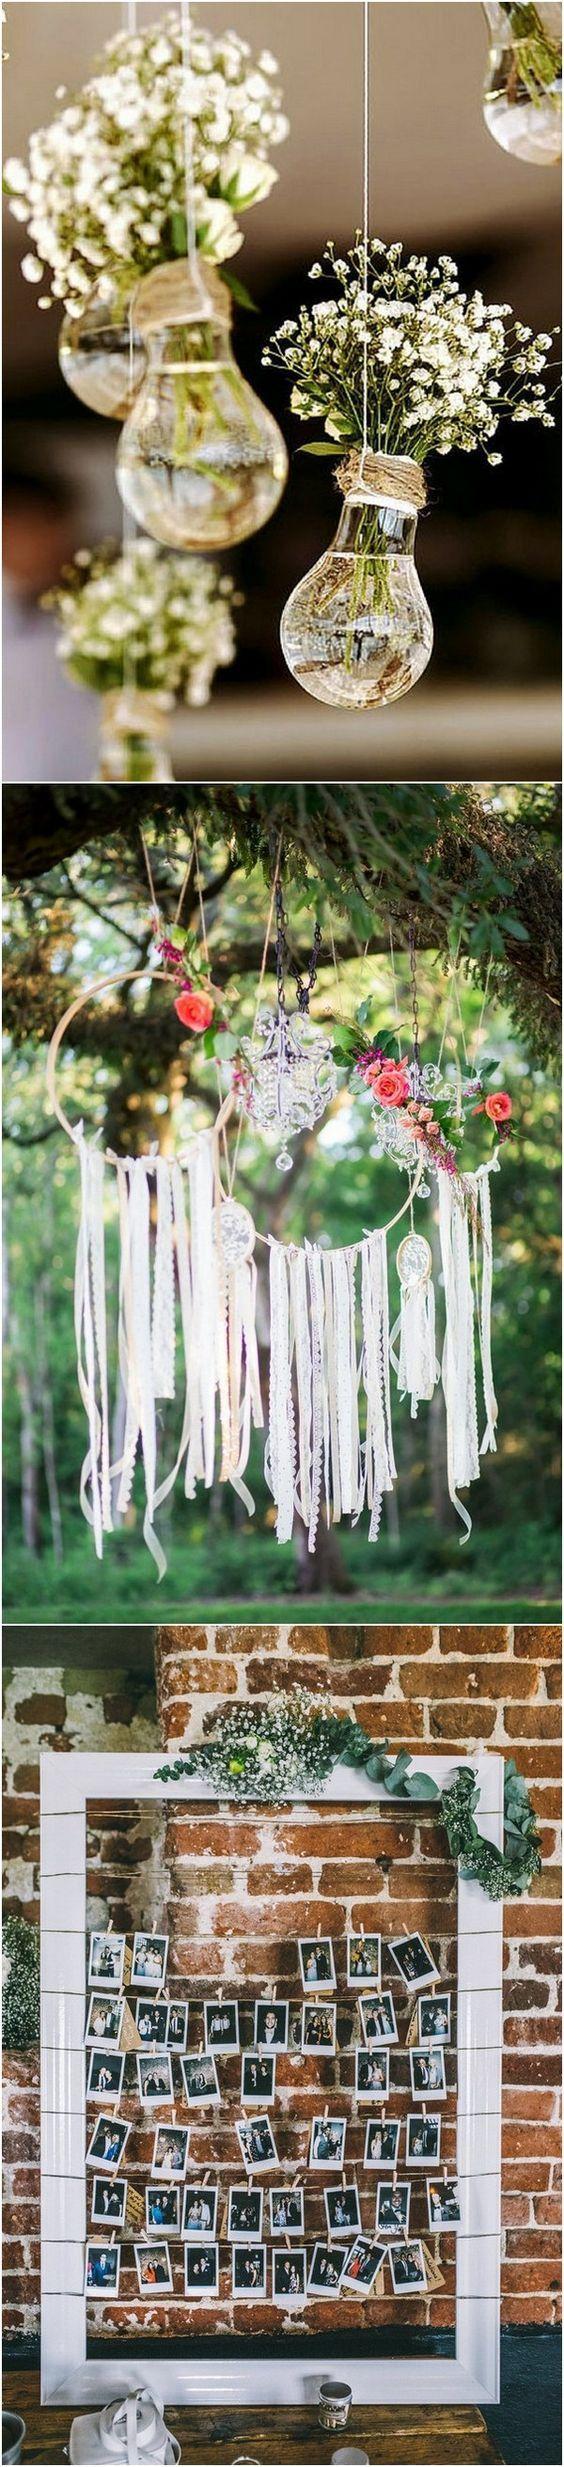 Trending 30 Boho Chic Wedding Ideas For 2018